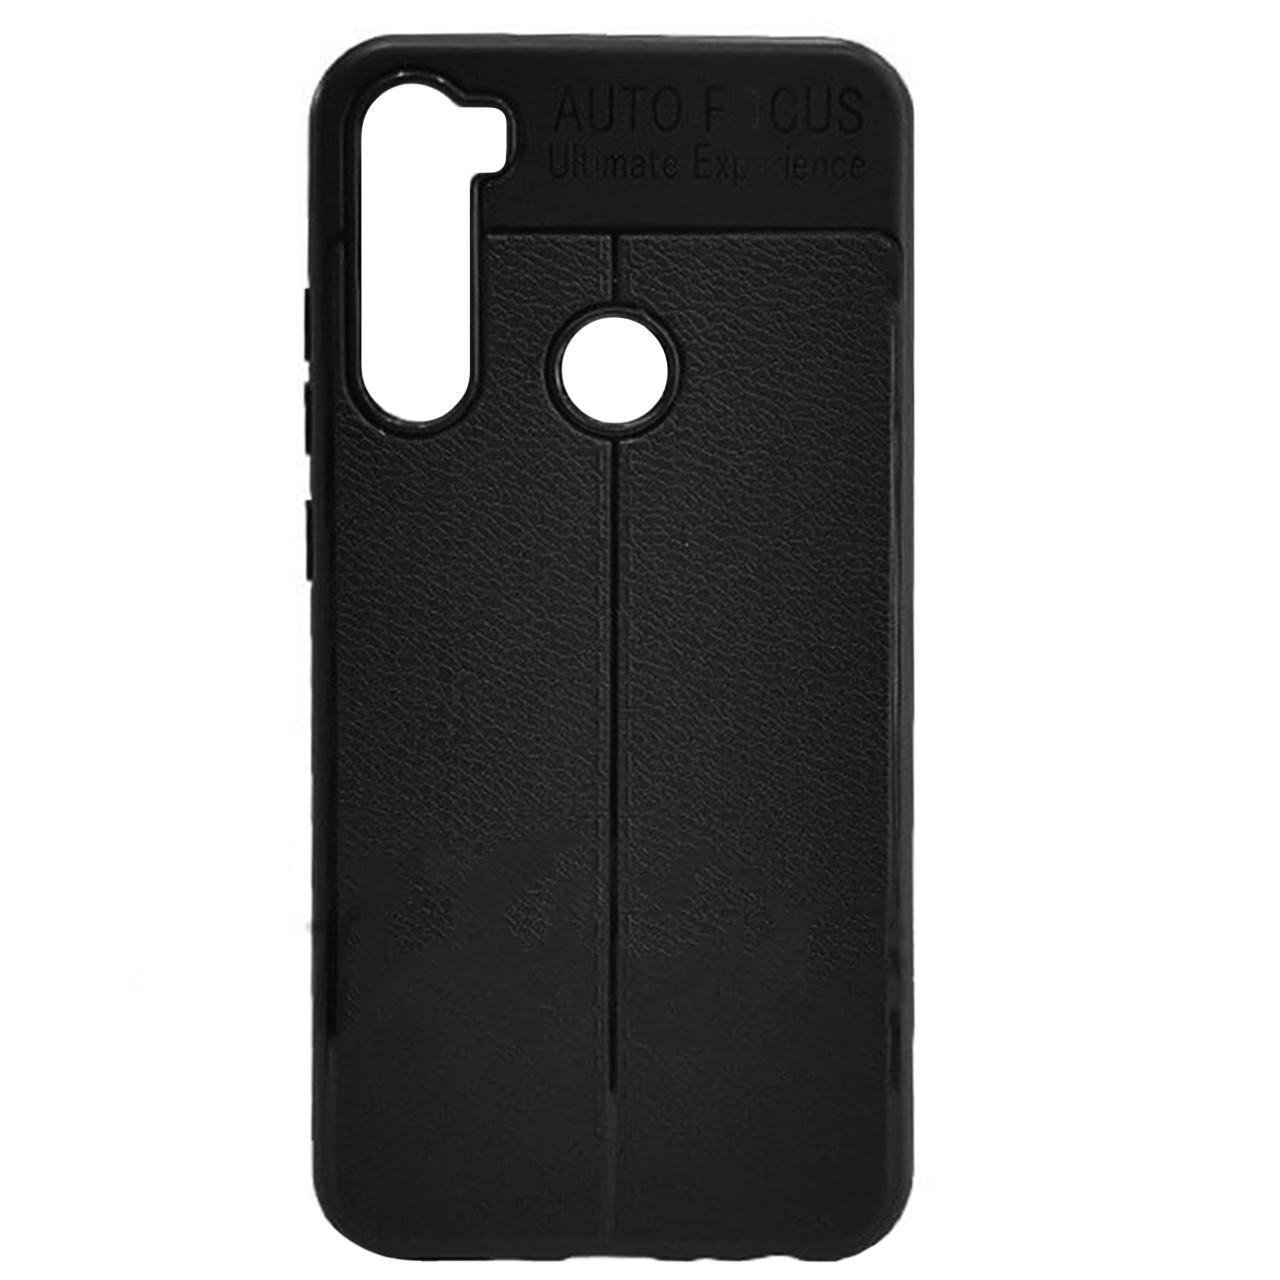 کاور مدل AUT-01 مناسب برای گوشی موبایل شیائومی Redmi Note 8              ( قیمت و خرید)